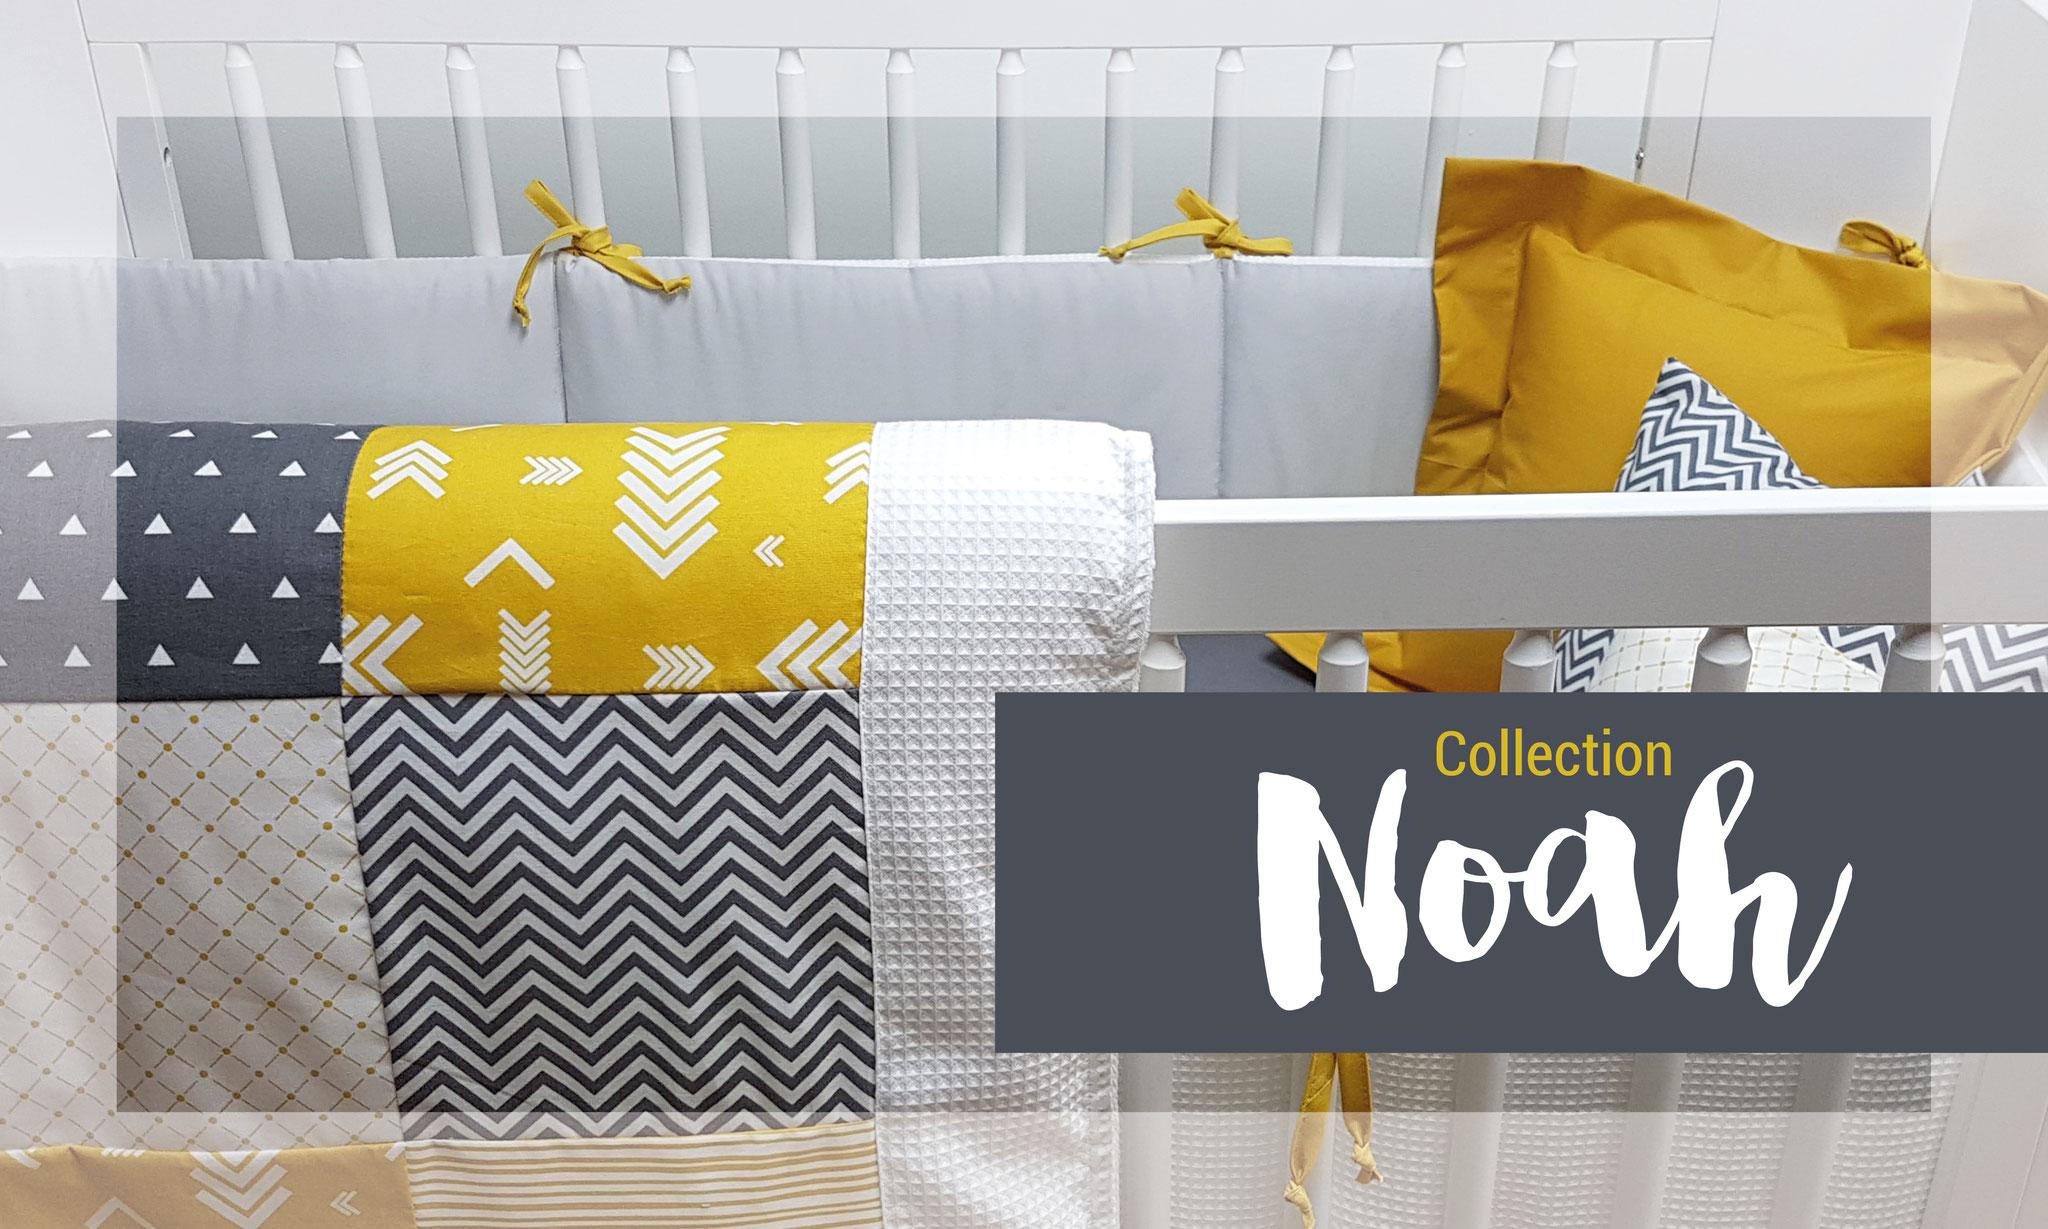 Collection Noah, cliquez pour toutes les informations!